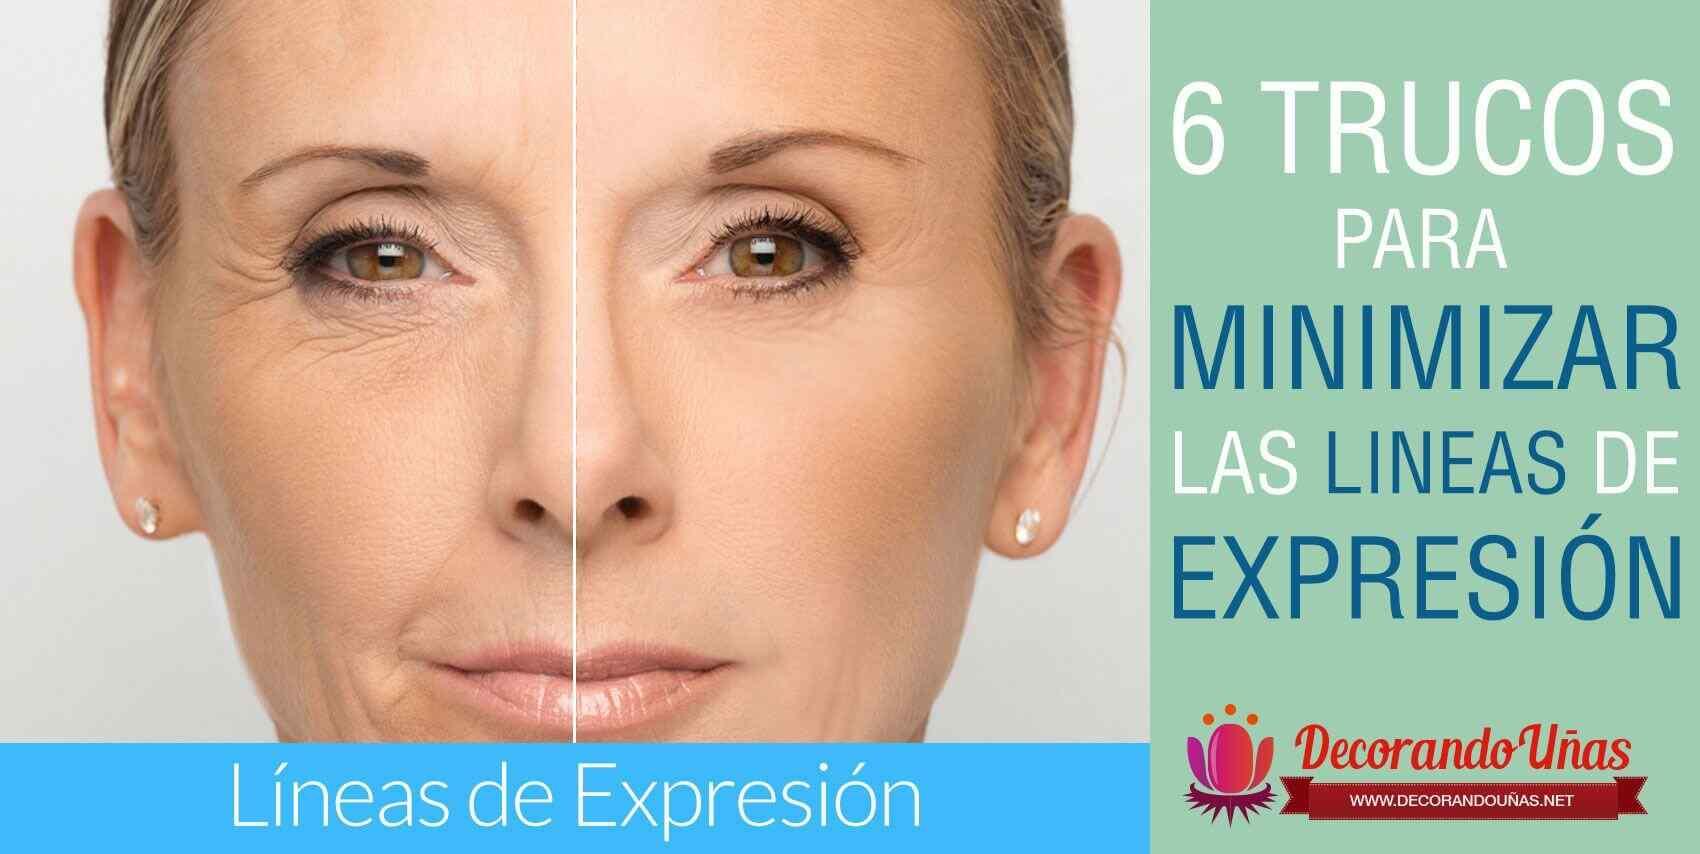 eliminar-lineas-de-expresion-facial